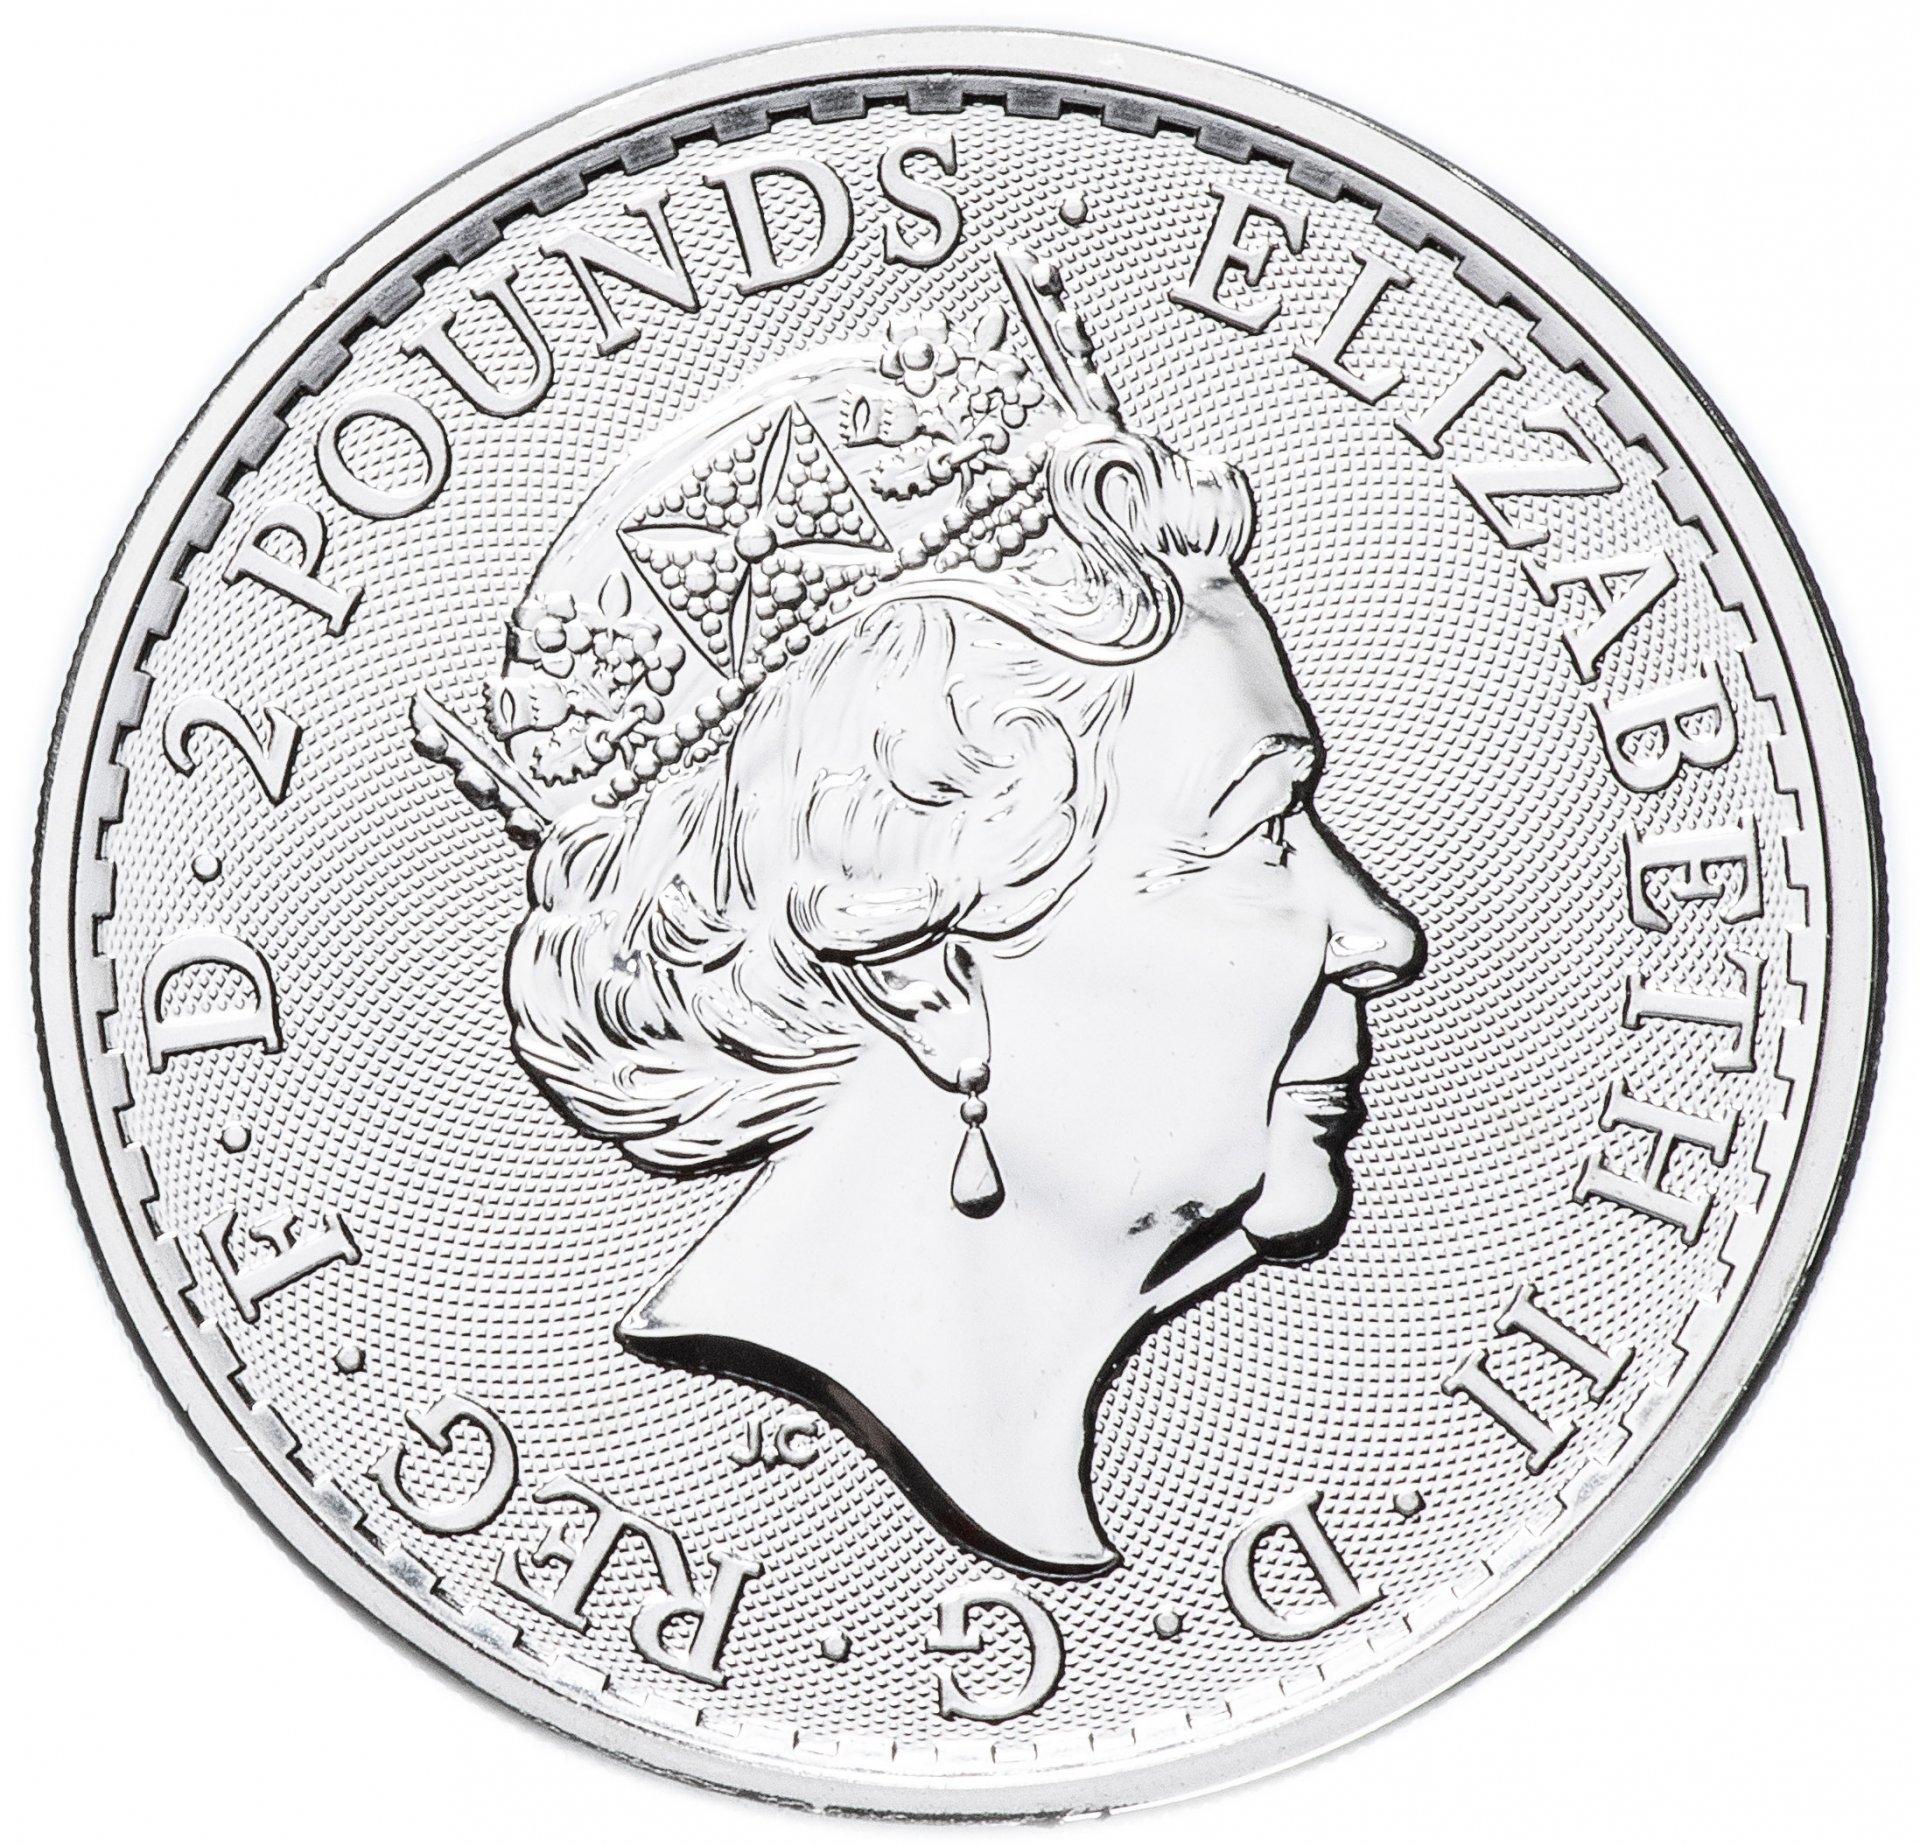 преимуществом подобного фунты стерлингов картинки монет распечатать почте грузятся